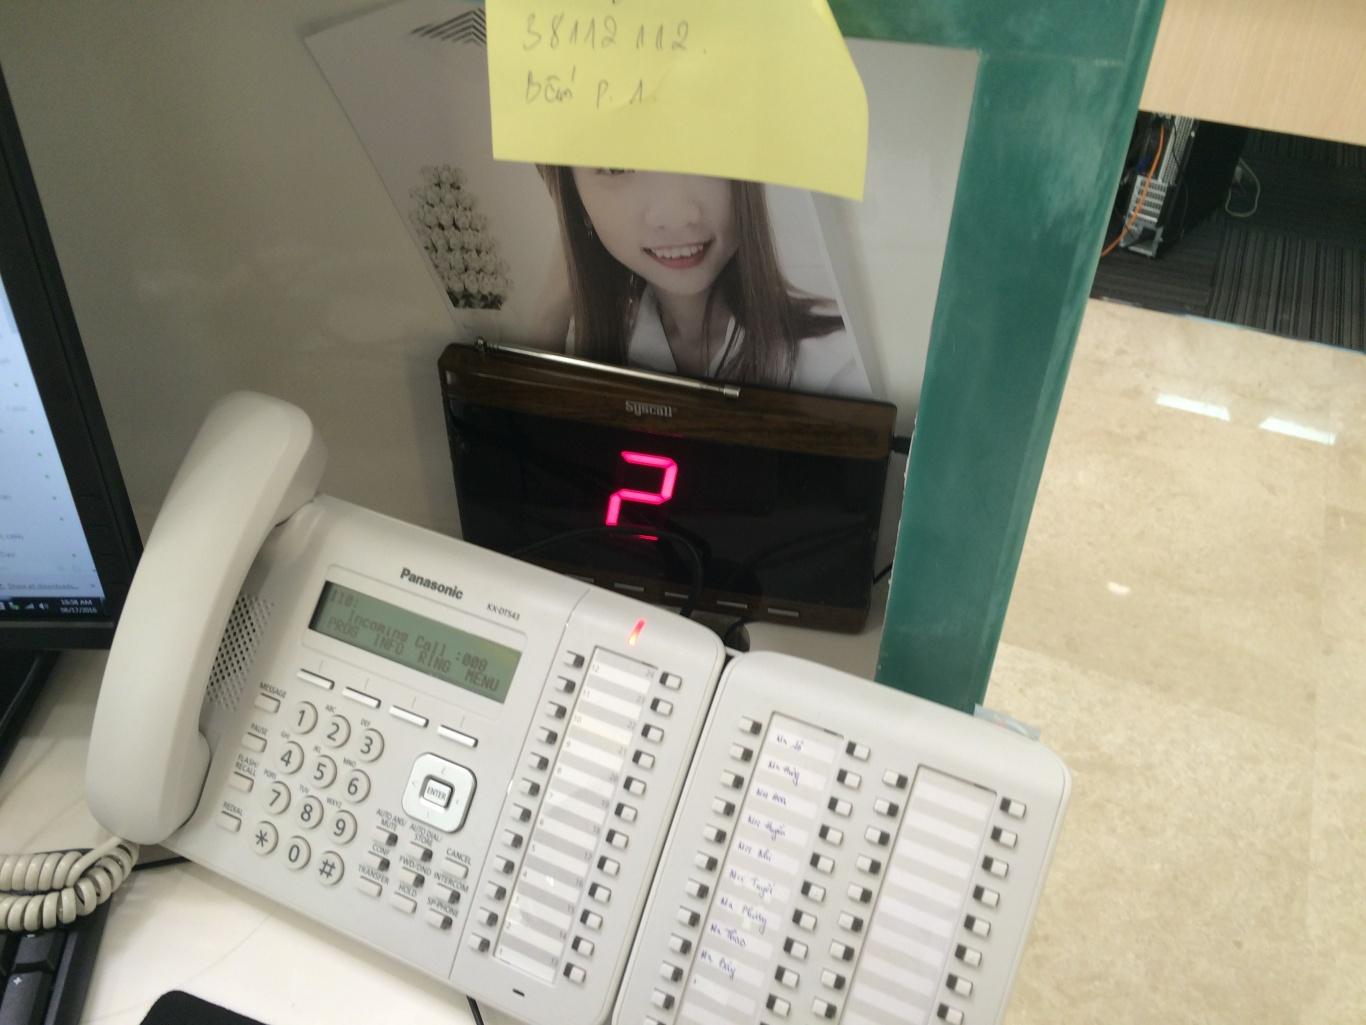 bảng thiết bị hiển thị tại các phòng cua y tá trực tỉnh tuyên quang